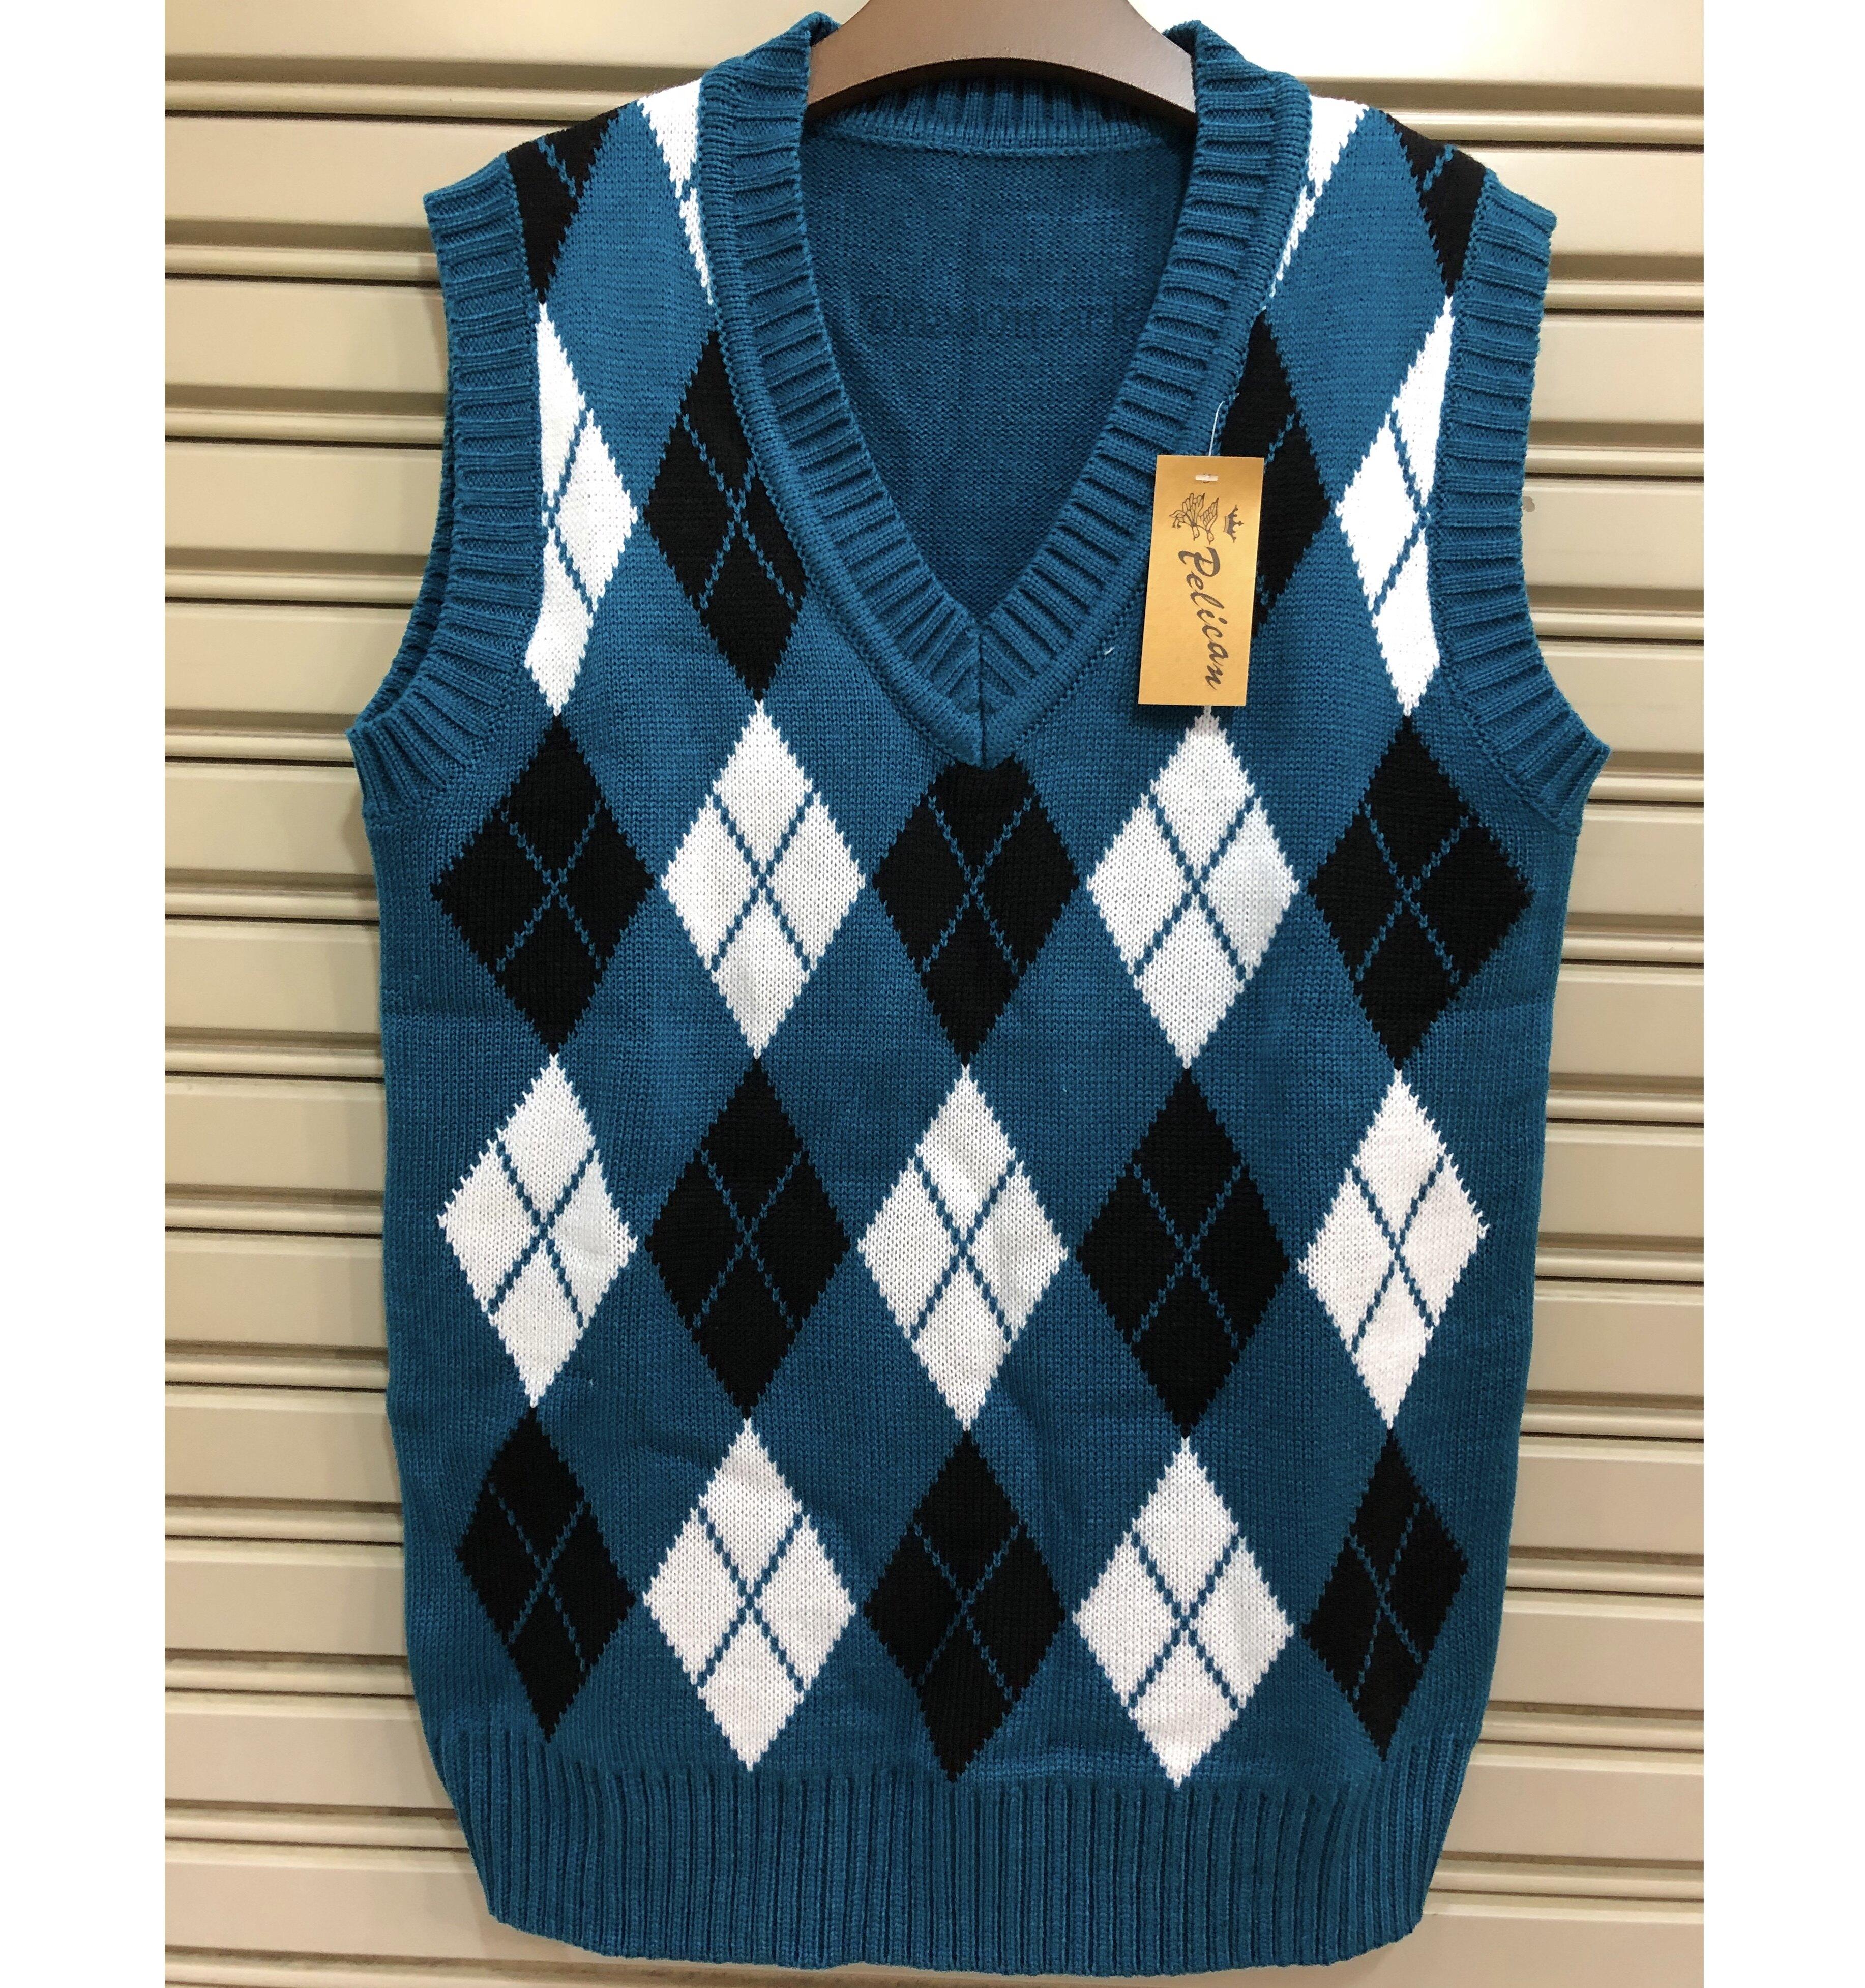 #9104 เสื้อกั๊ก ไหมพรม คอวี ข้าวหลามตัด เสื้อกันหนาว Naao Mark หนาวมาก